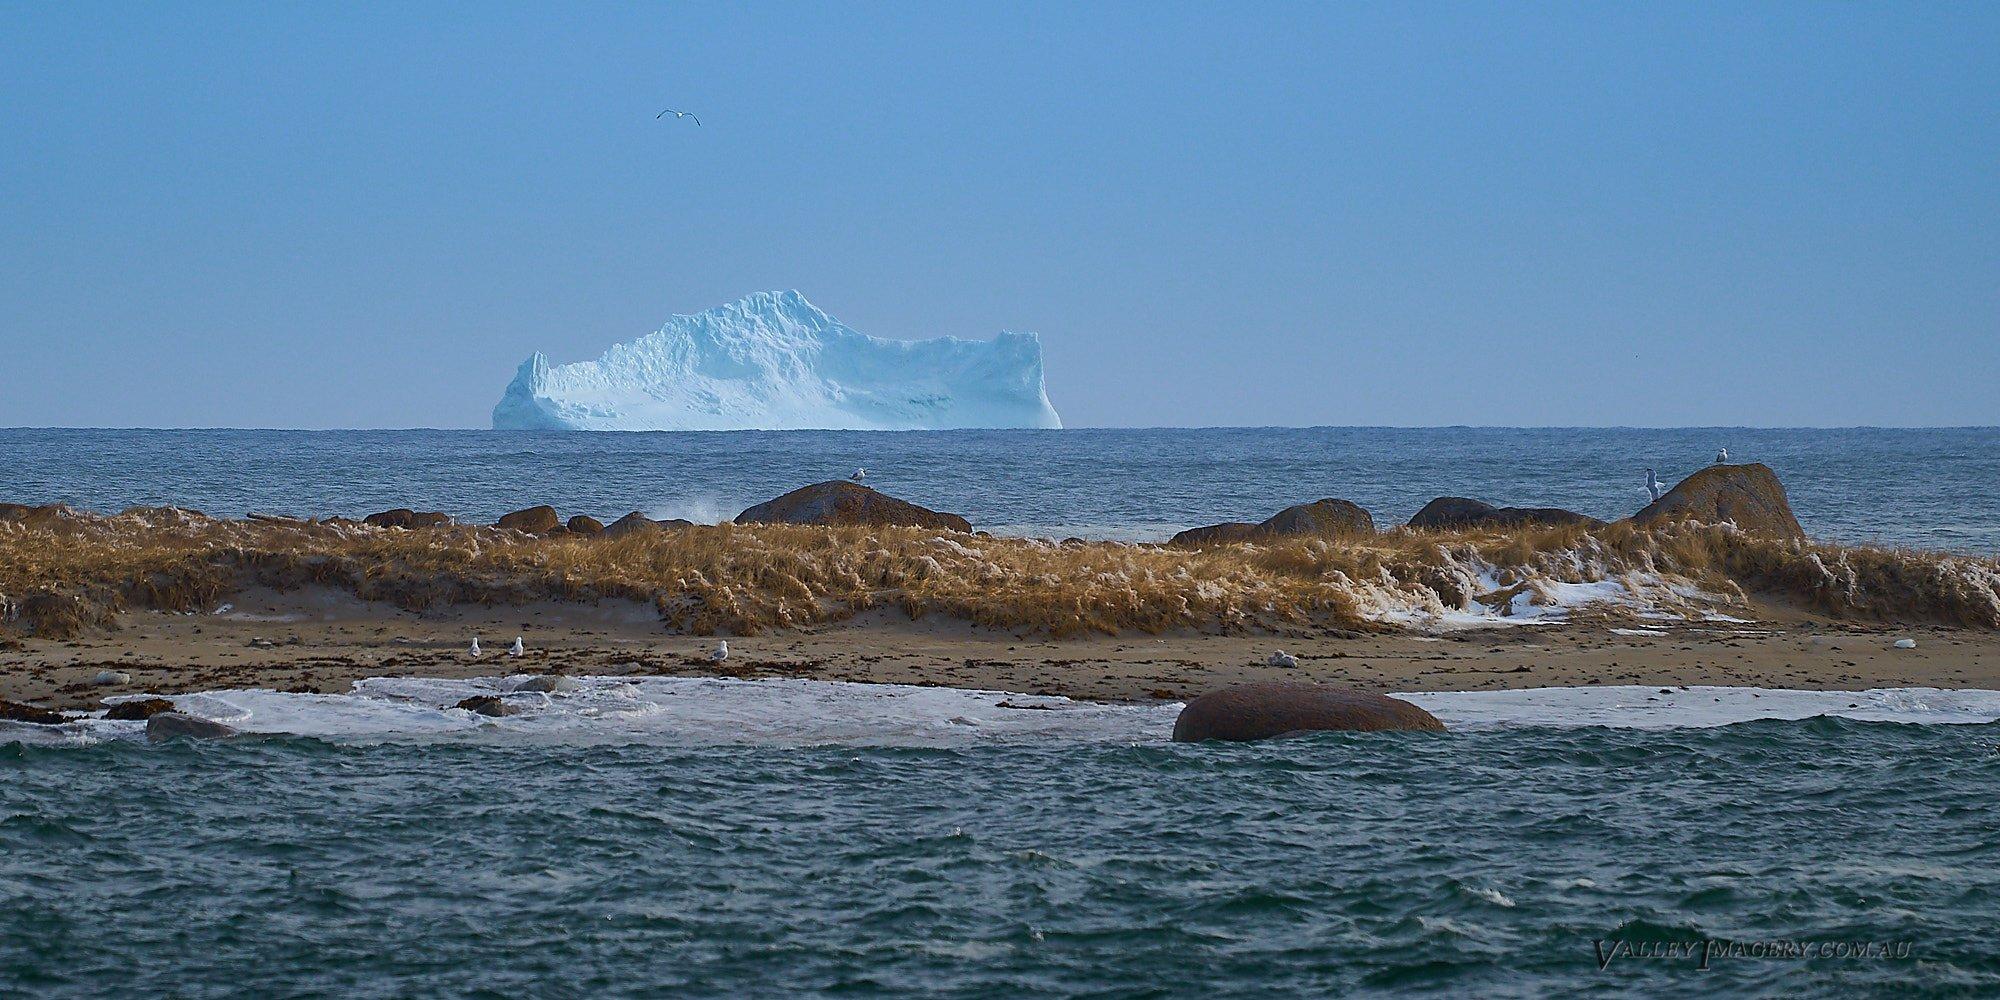 Iceberg off the Newfoundland coast